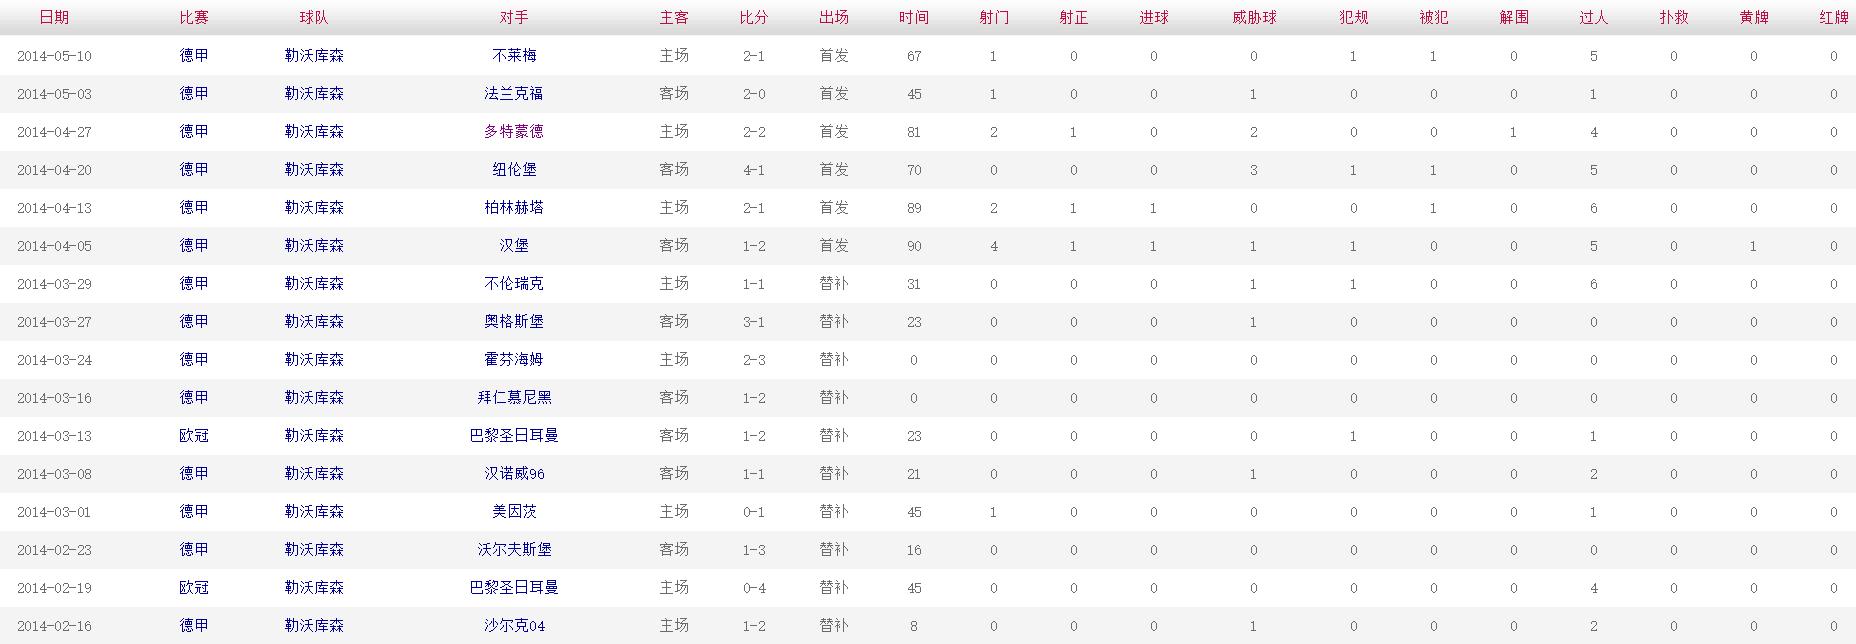 布兰特 2013-2014赛季比赛数据